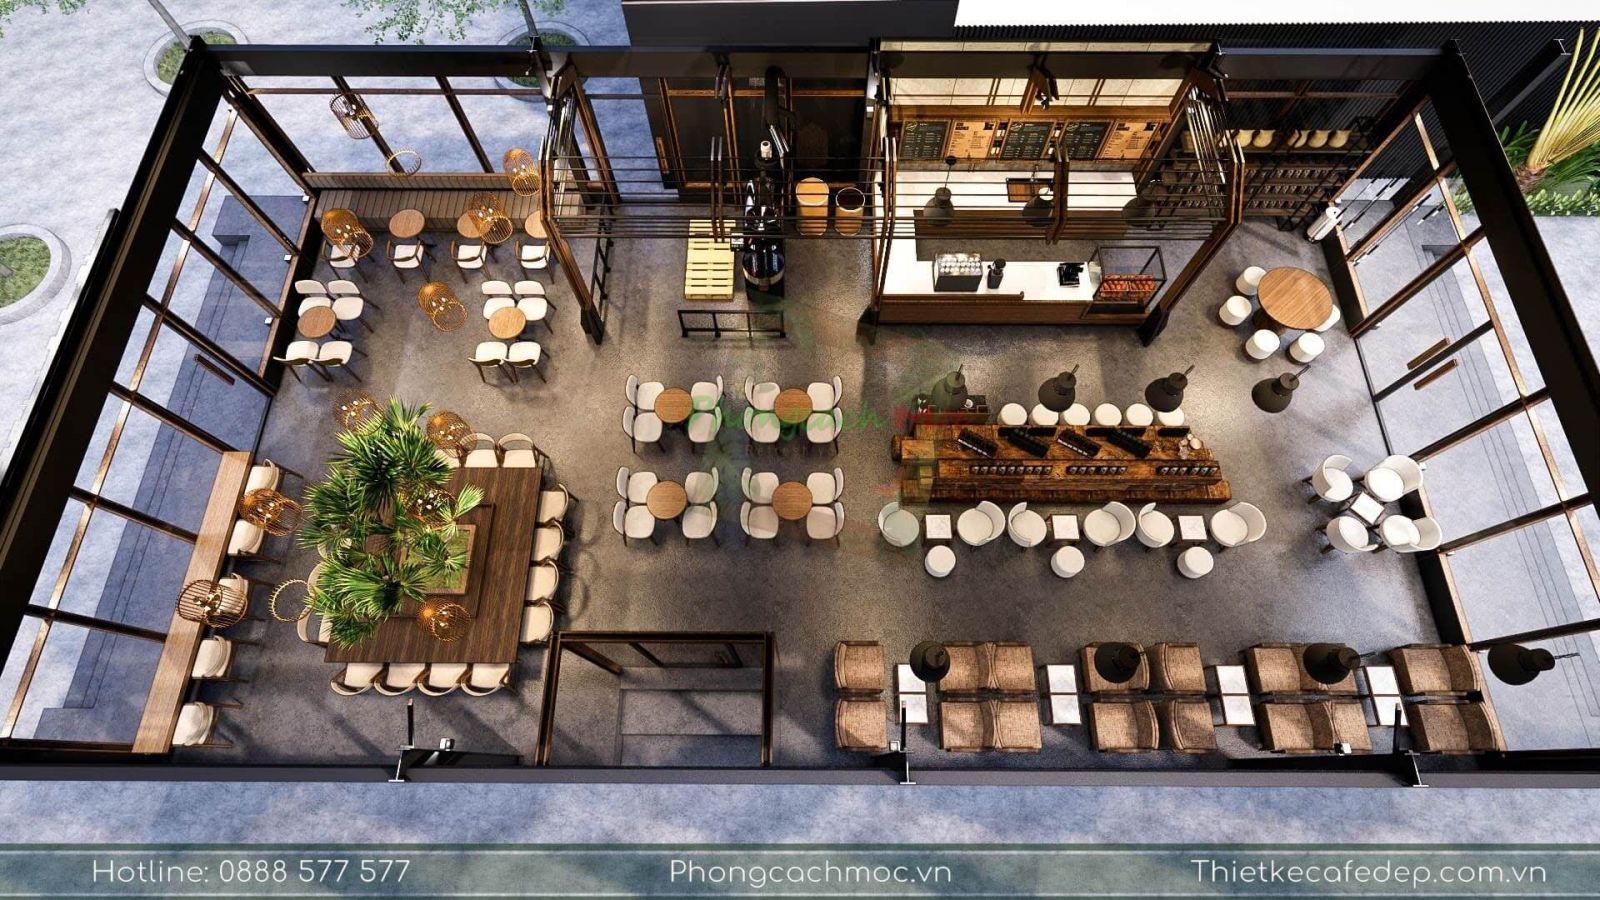 pcm thiết kế quán cà phê tại lê văn lương quận 7 - the coffee town